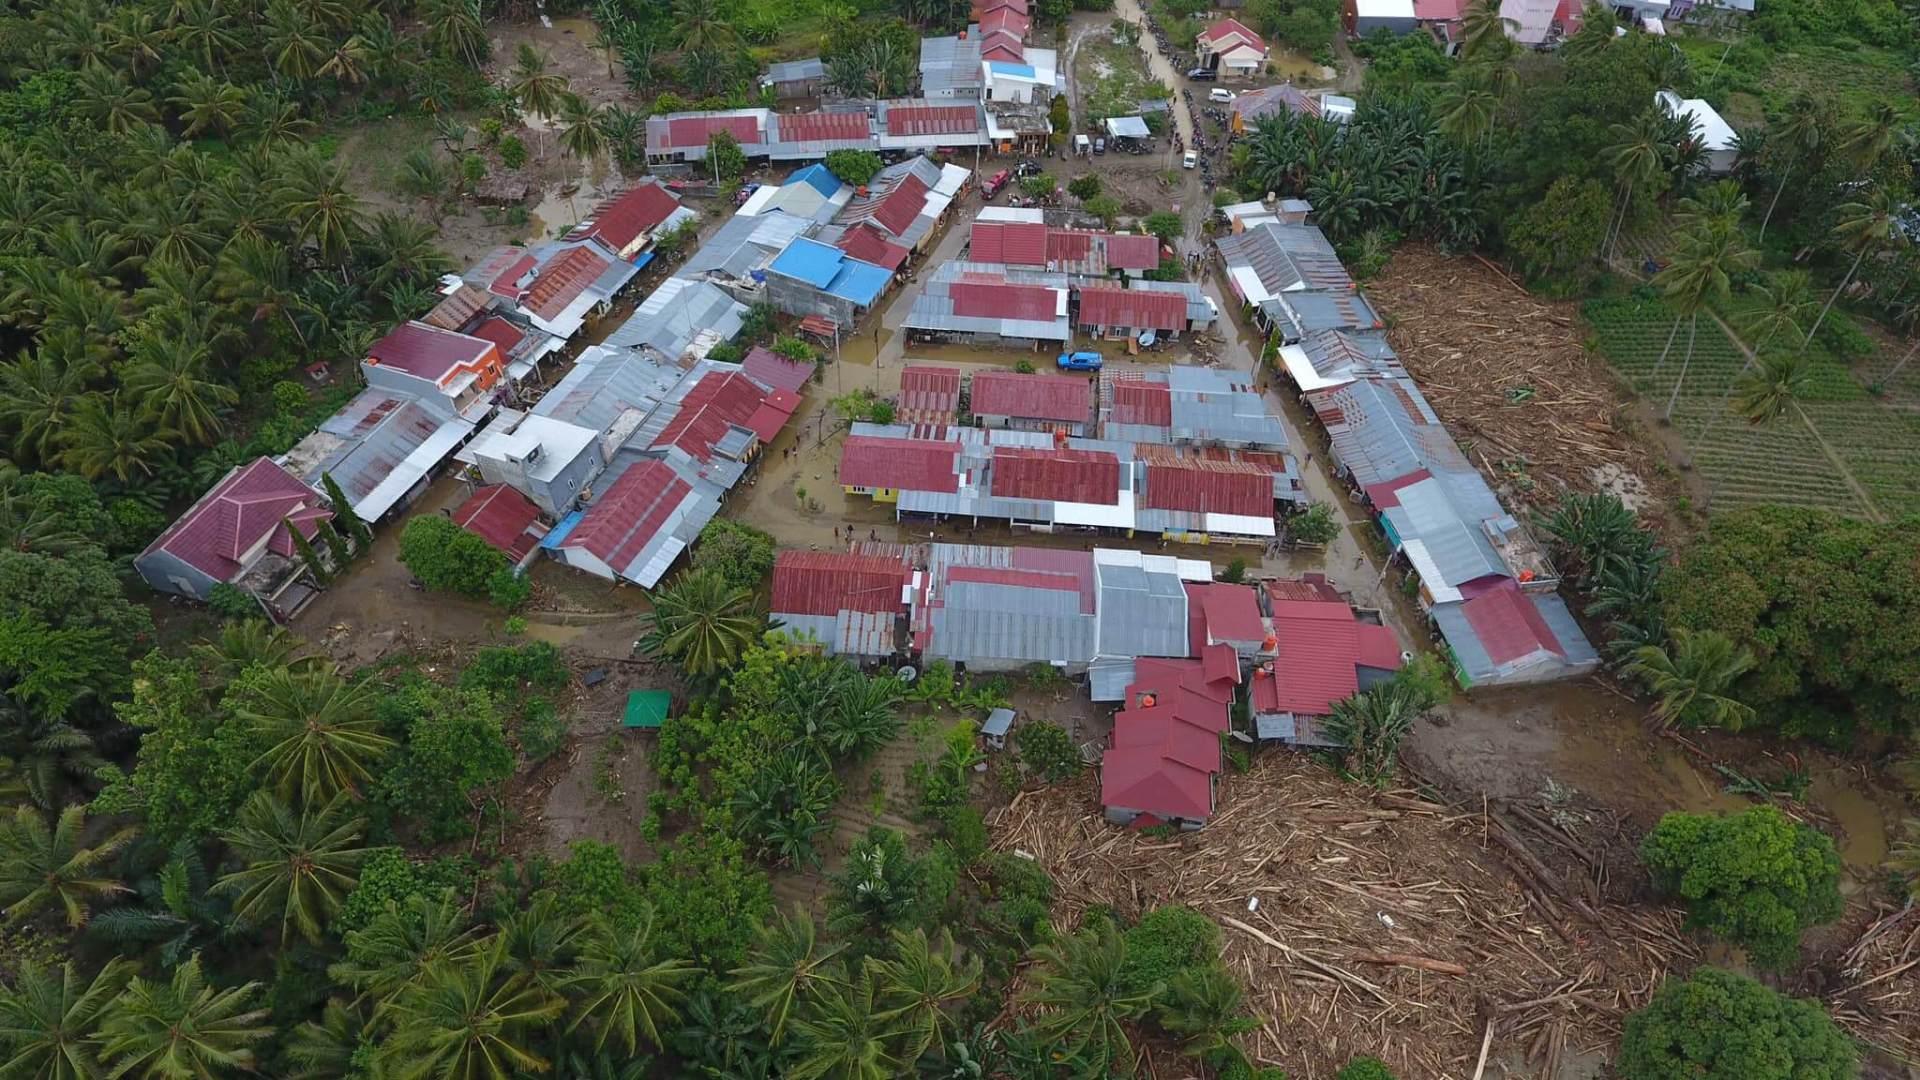 Banjir di Kolaka Utara, Sulawesi Tenggara Apakah penyebabnya ? dan dampak apa yang dirasakan ...